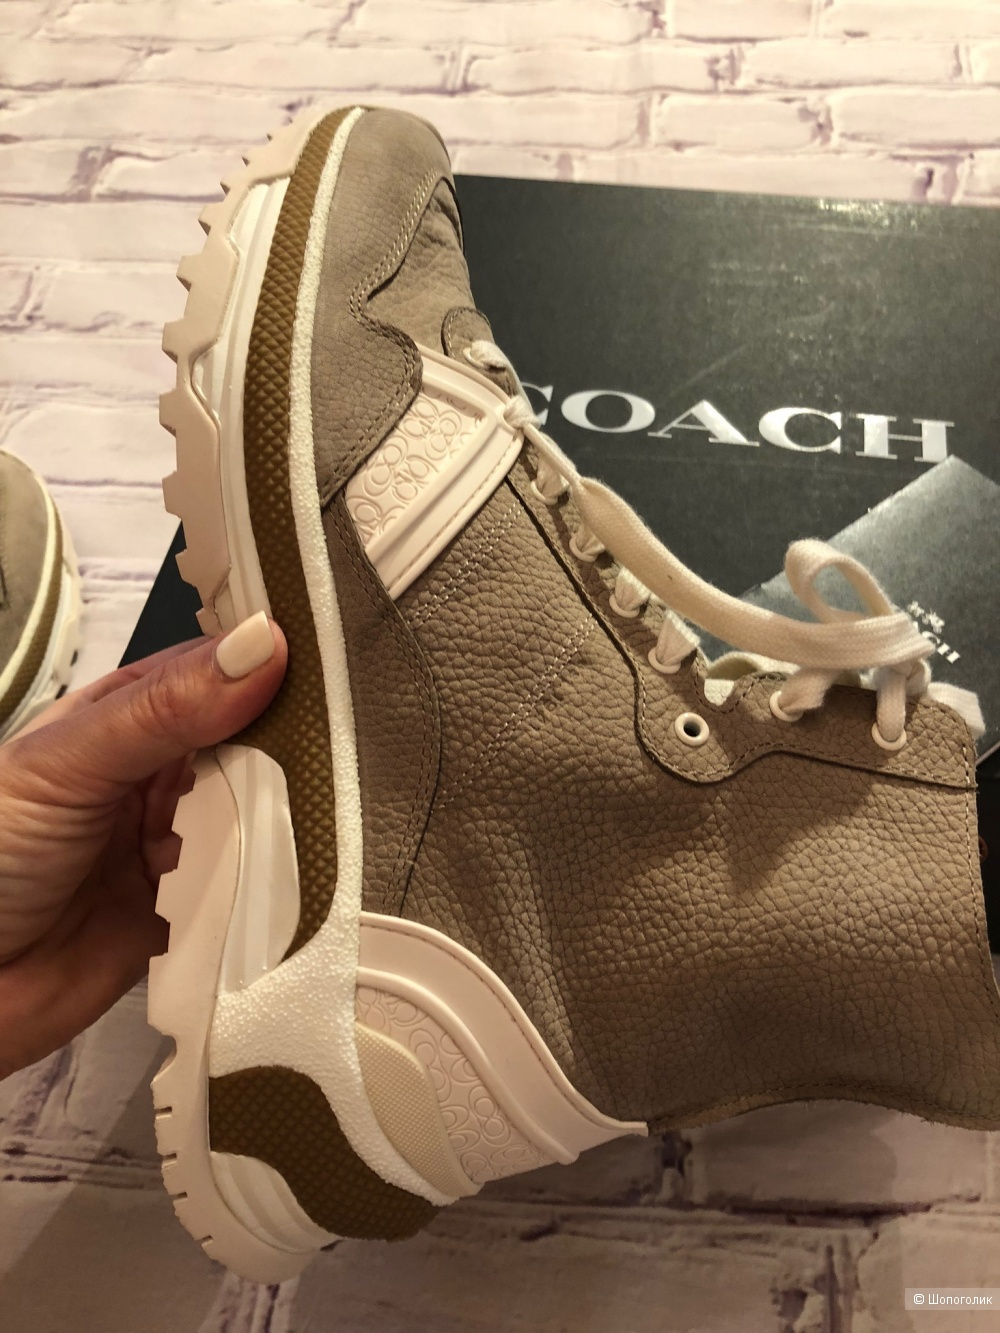 Ботинки Coach.   Размер 39-39,5